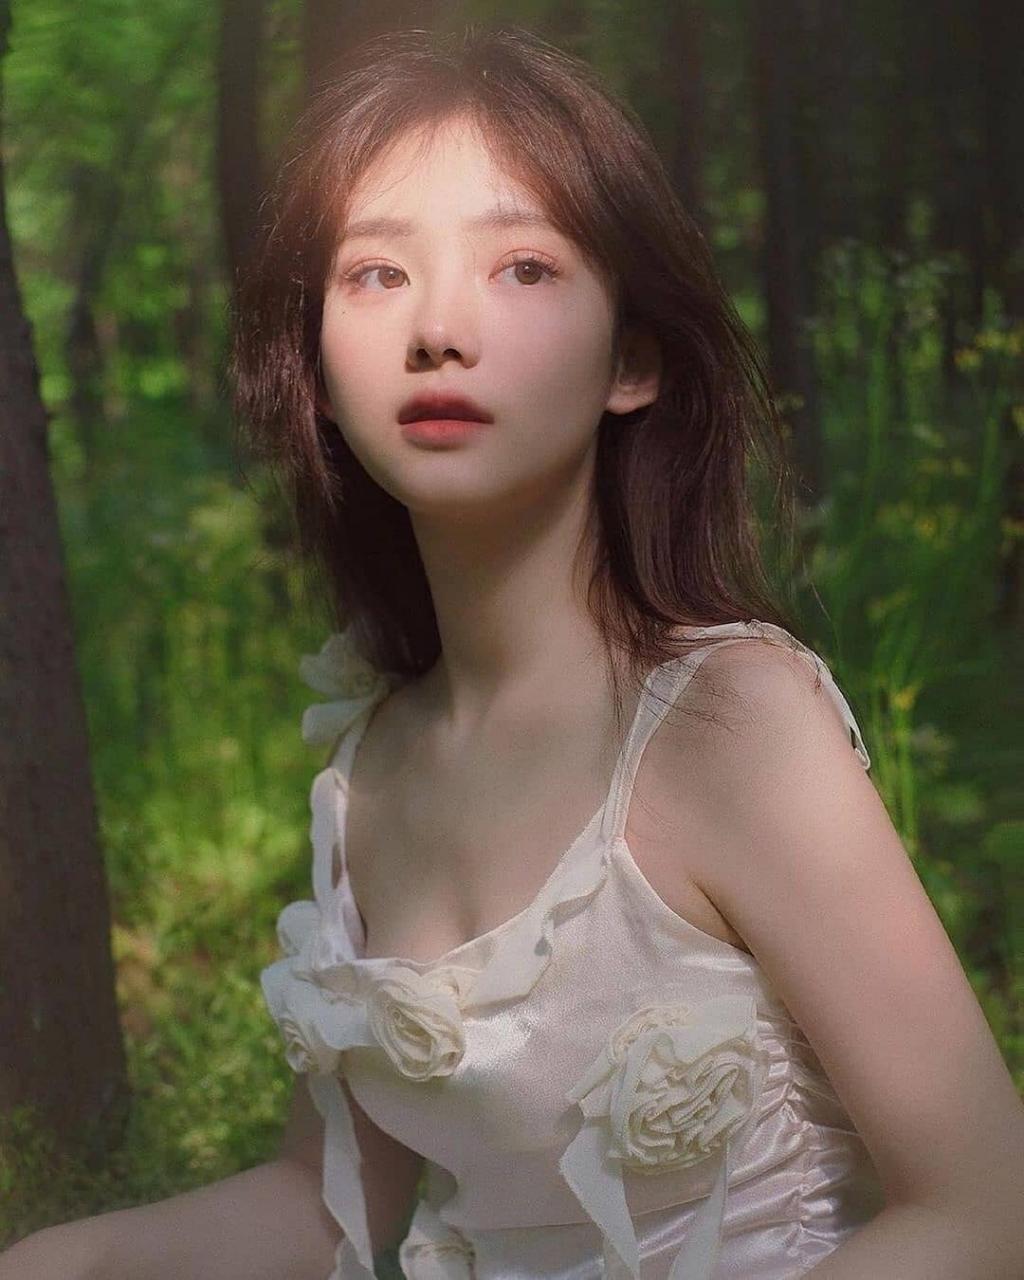 游弋在森林里的白雪公主